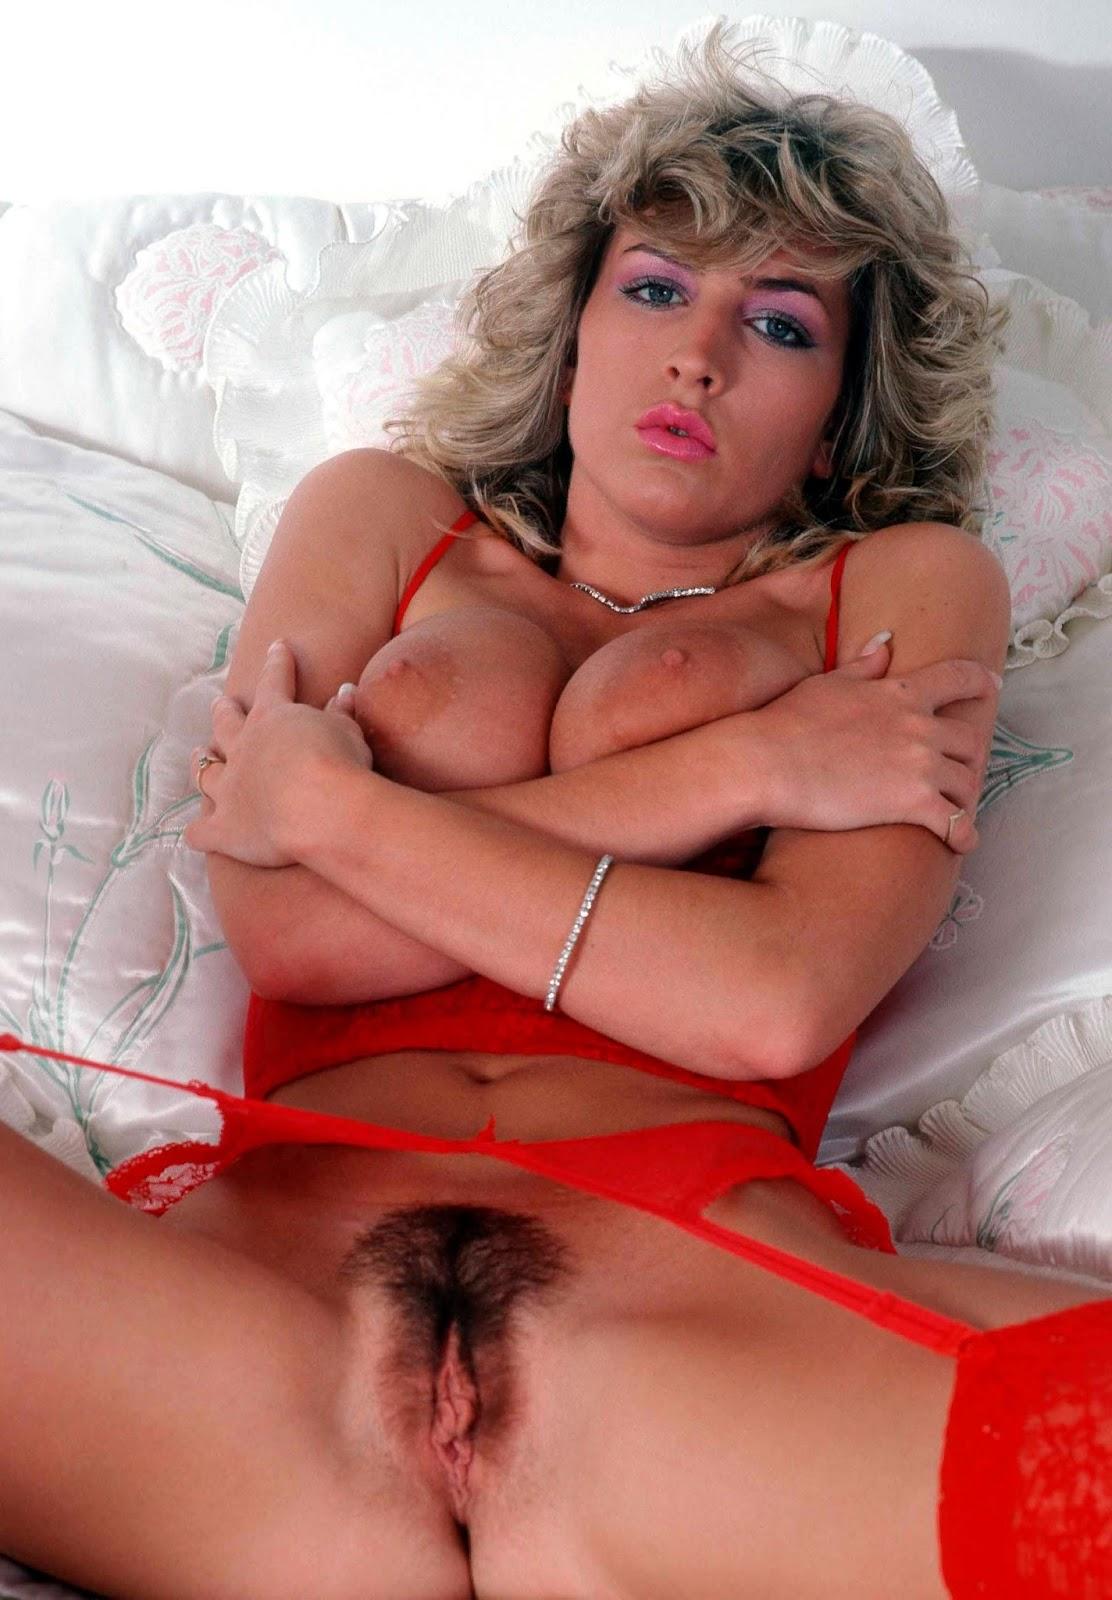 Shaven vulva and vagina